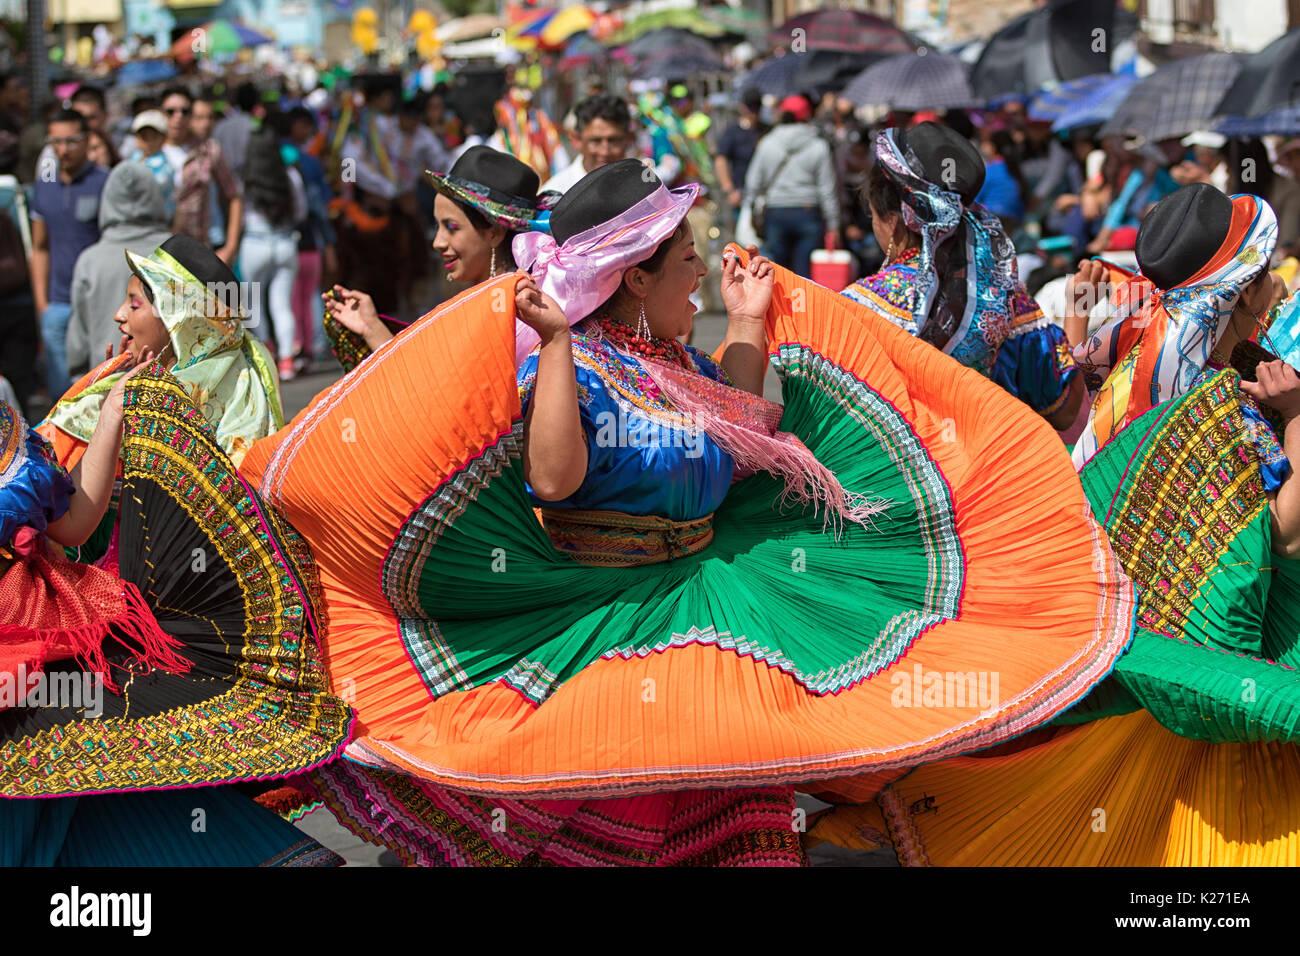 17 juin 2017, l'Équateur Pujili: danseuse groupe dans des vêtements traditionnels lors de la parade annuelle du Corpus Christi Photo Stock